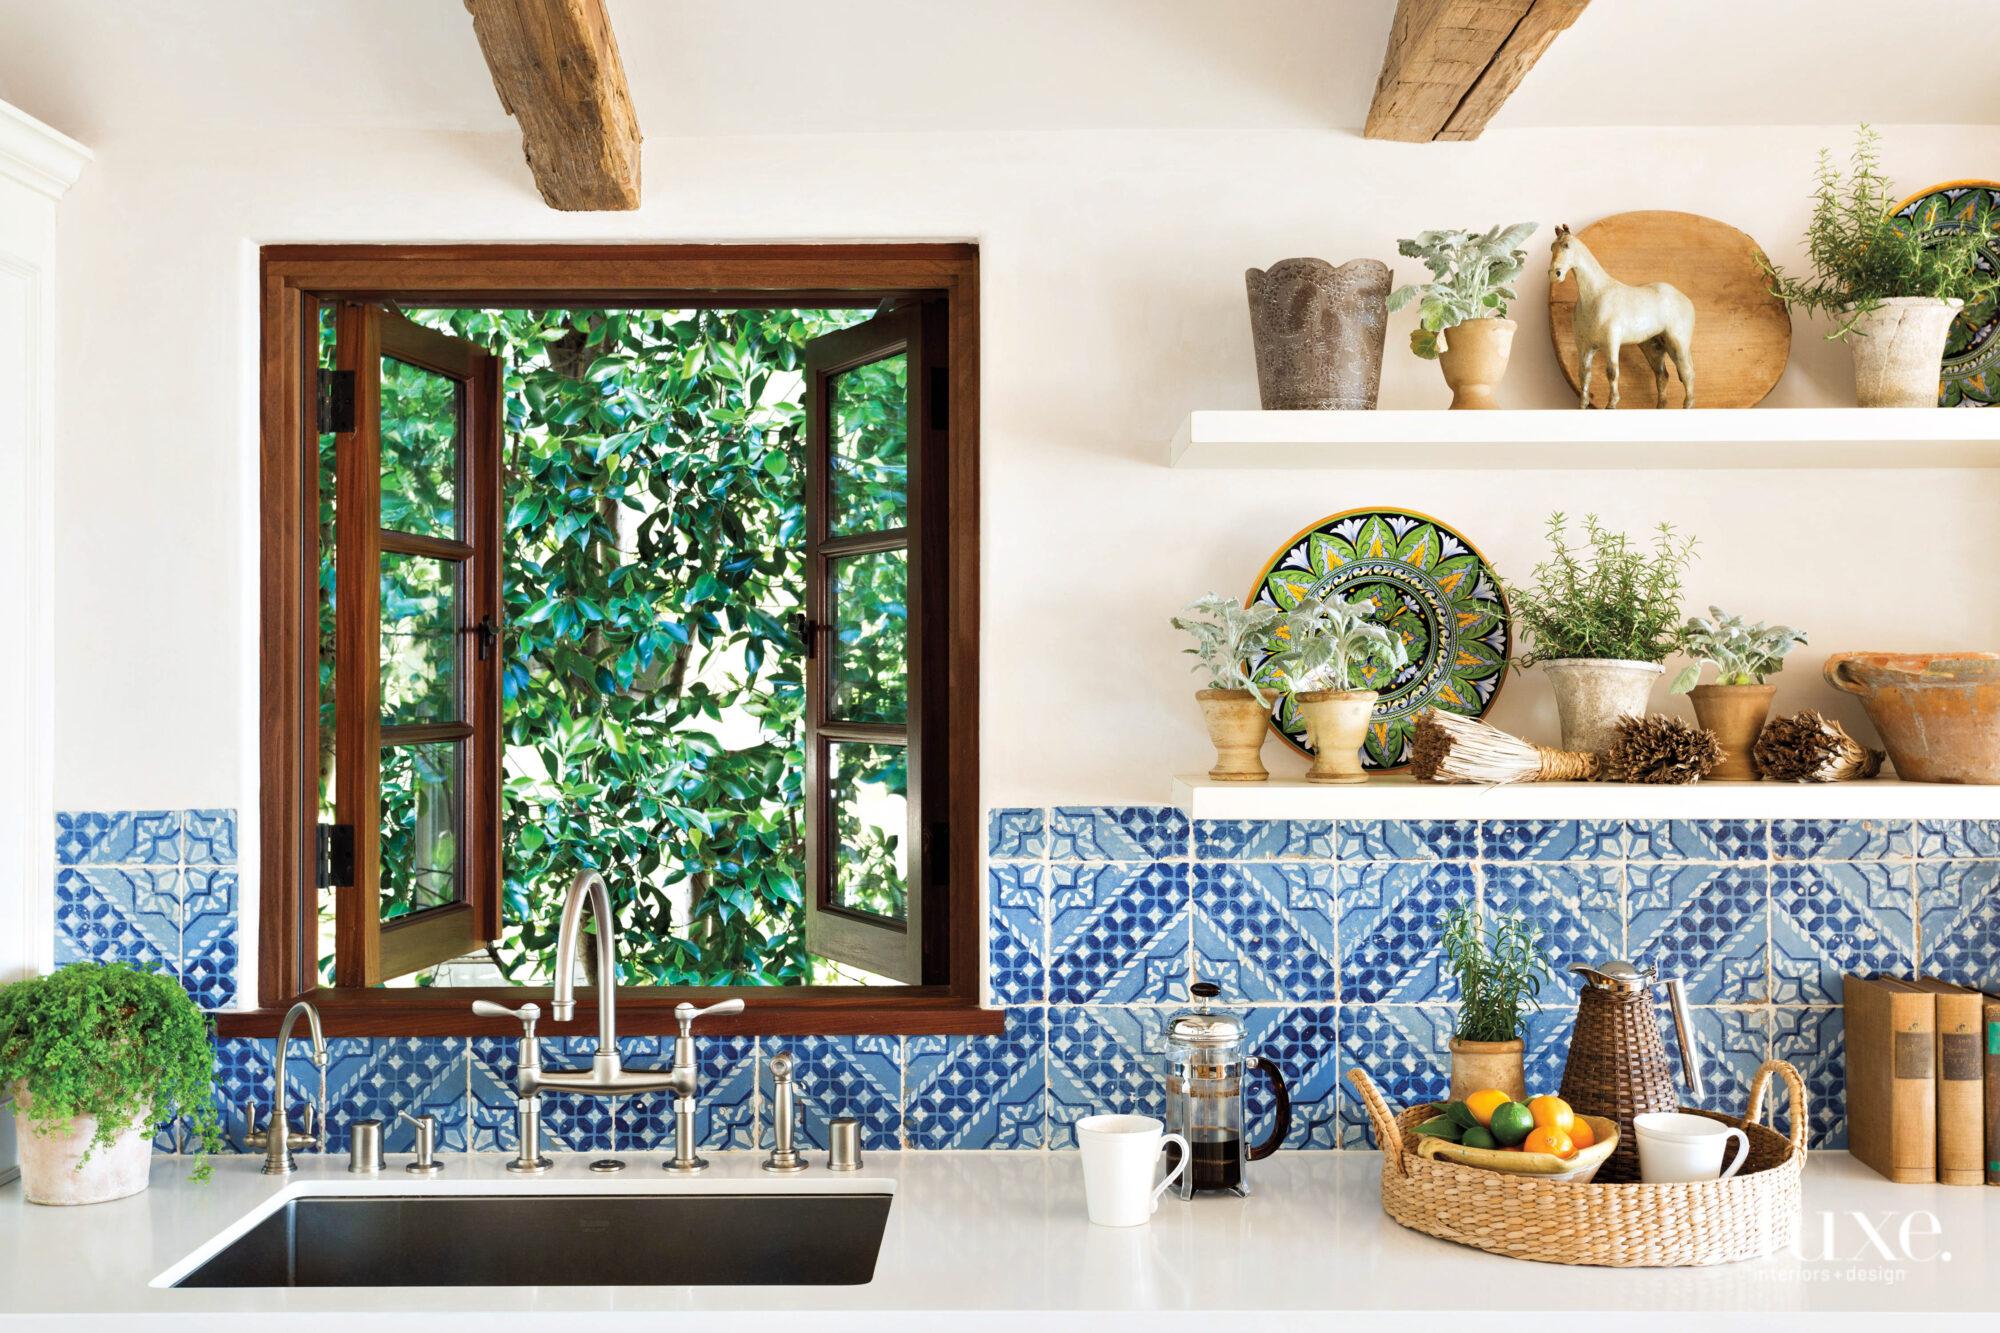 Detail shot of kitchen with blue tiled backsplash